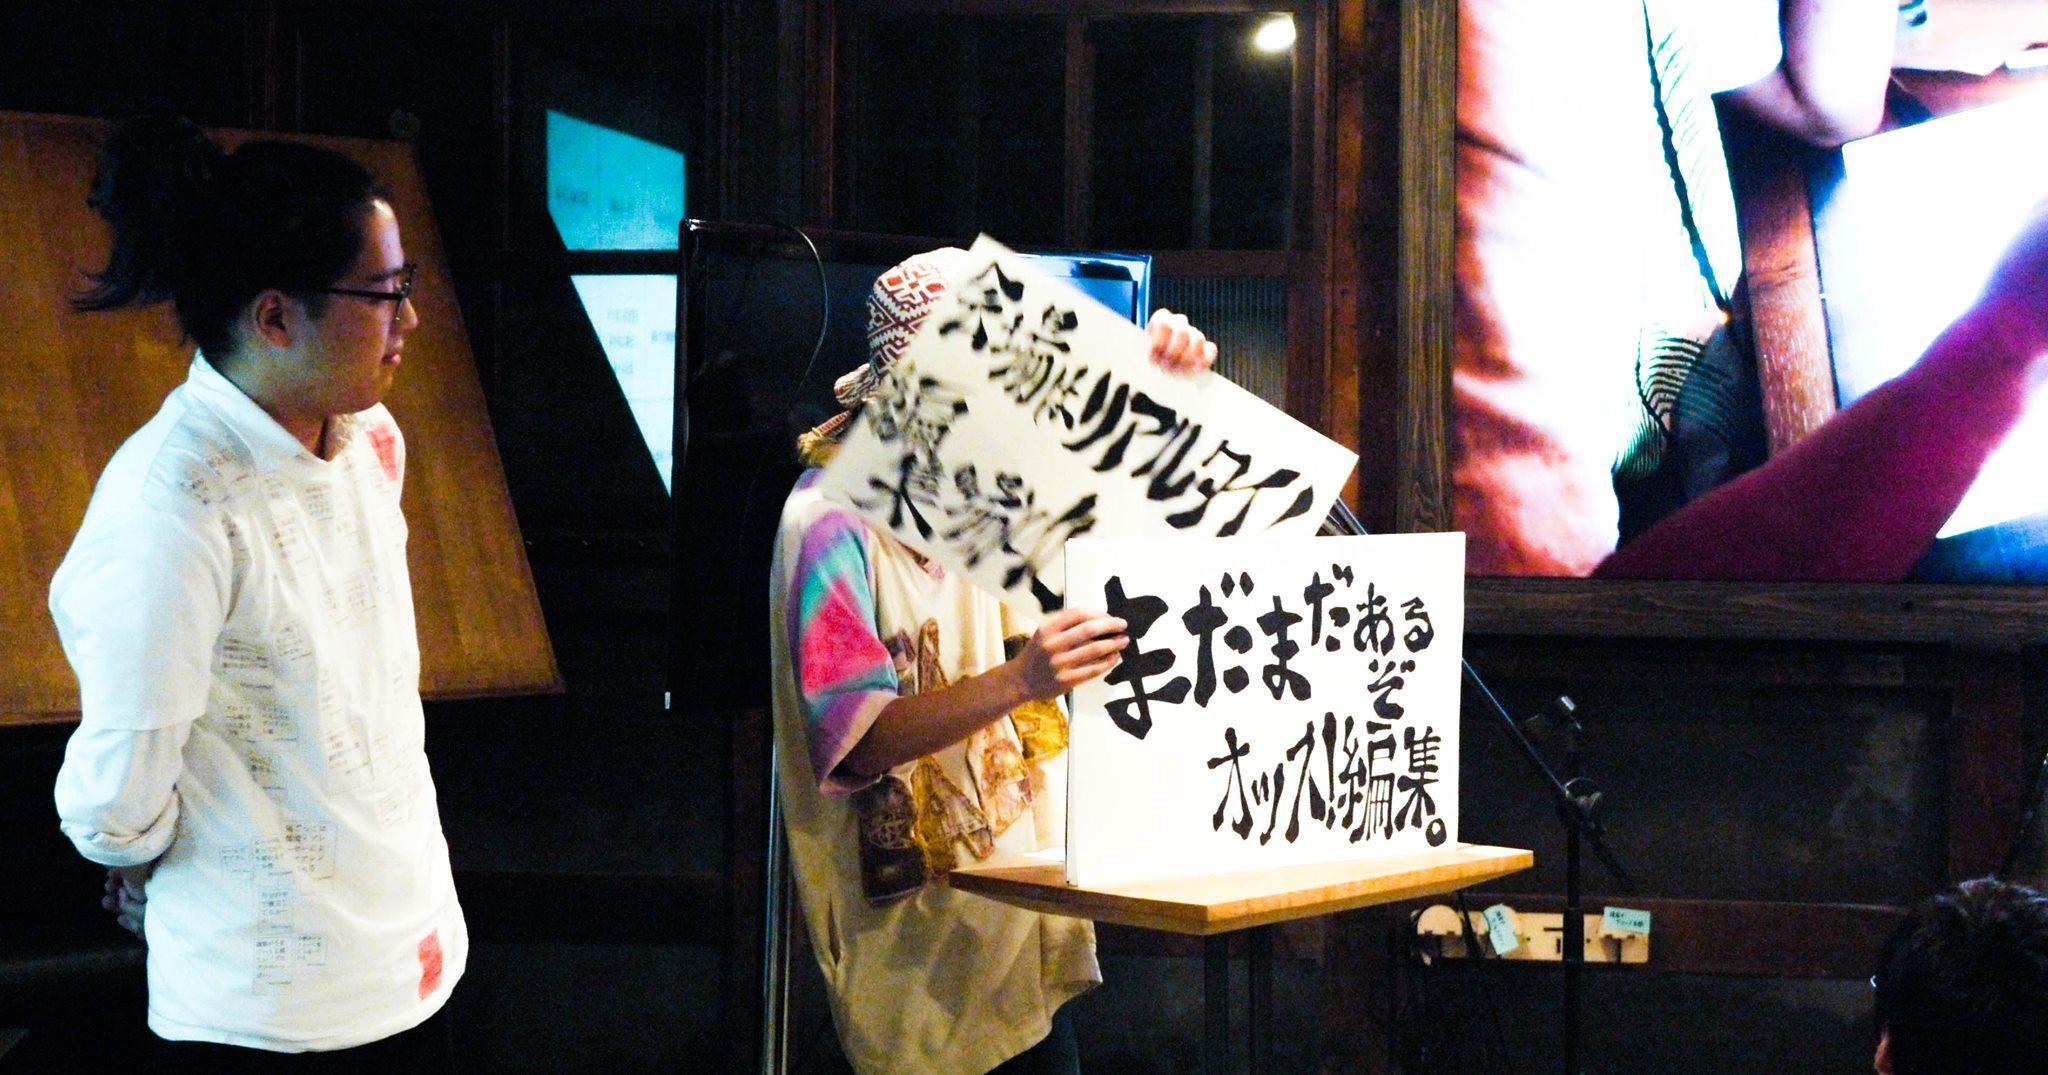 """4/22 @ MTRL KYOTO \""""ロフトワーク×京都造形芸術大学ウルトラファクトリー BYEDIT\"""" による「編集」を考えるプロジェクト オッス!編集。 第3回  志人参加です。_d0158942_20261625.jpg"""